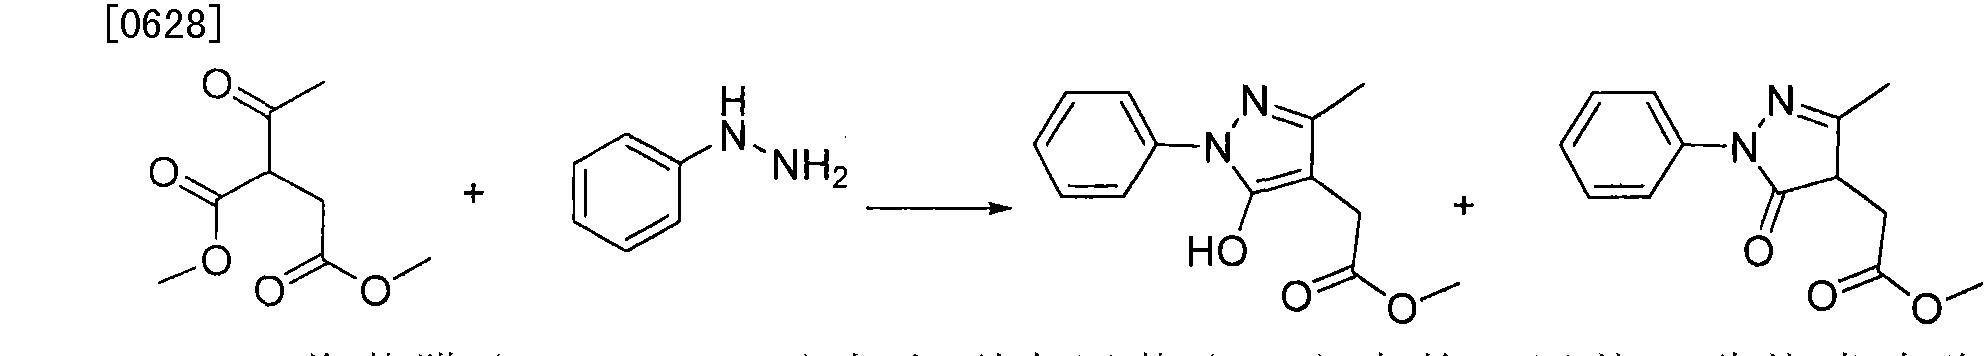 Figure CN102036955BD00941